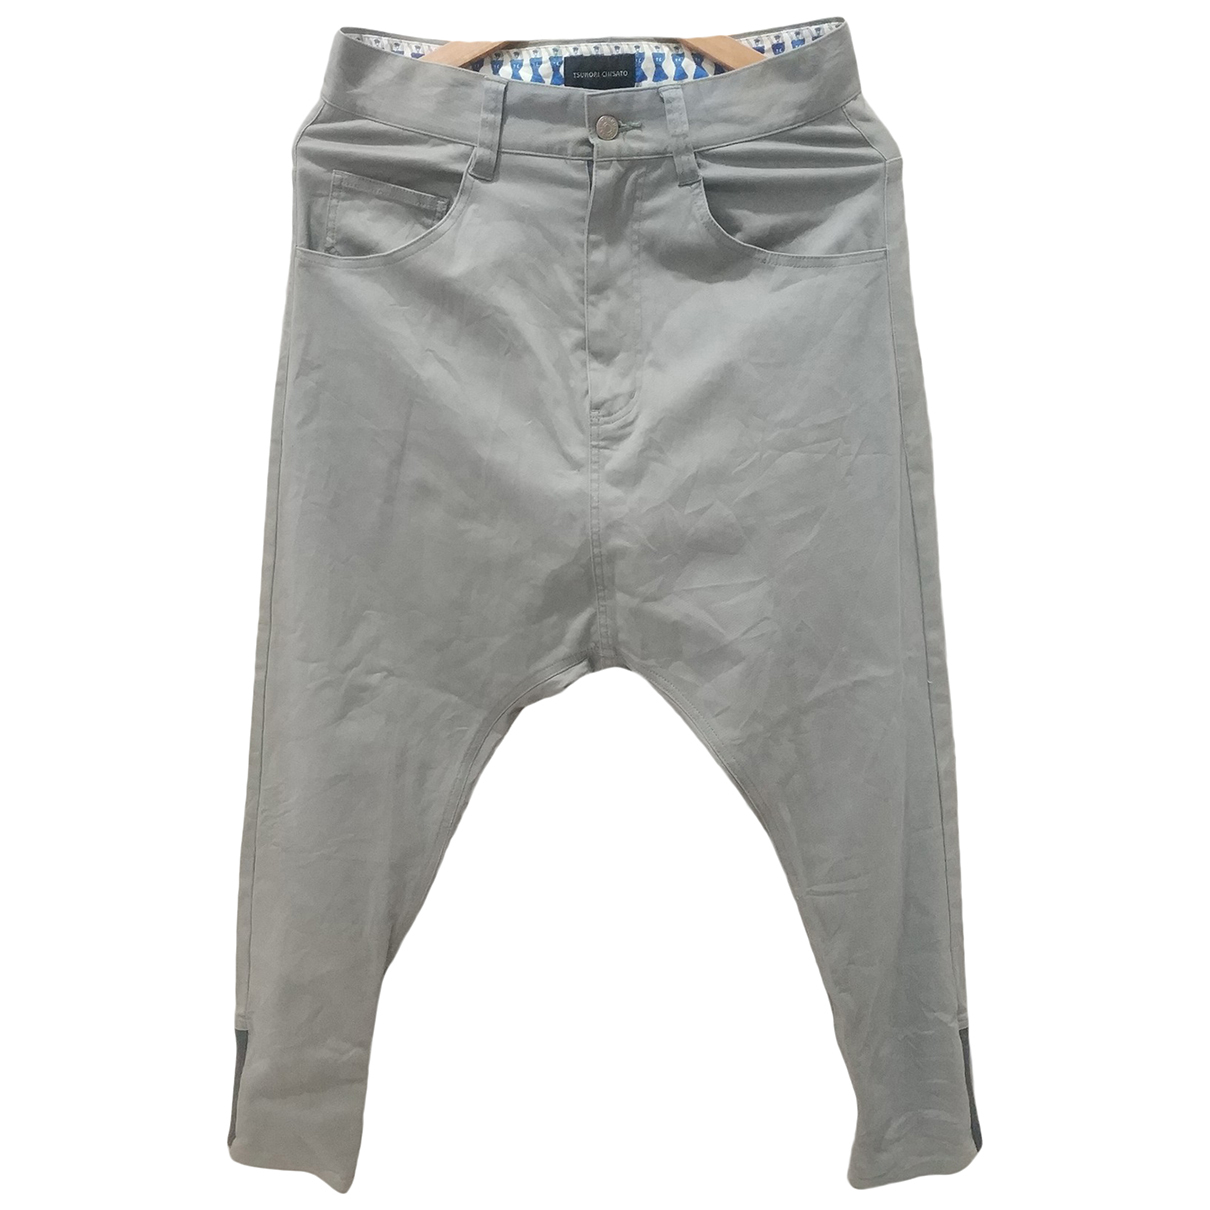 Pantalones en Algodon Azul Tsumori Chisato